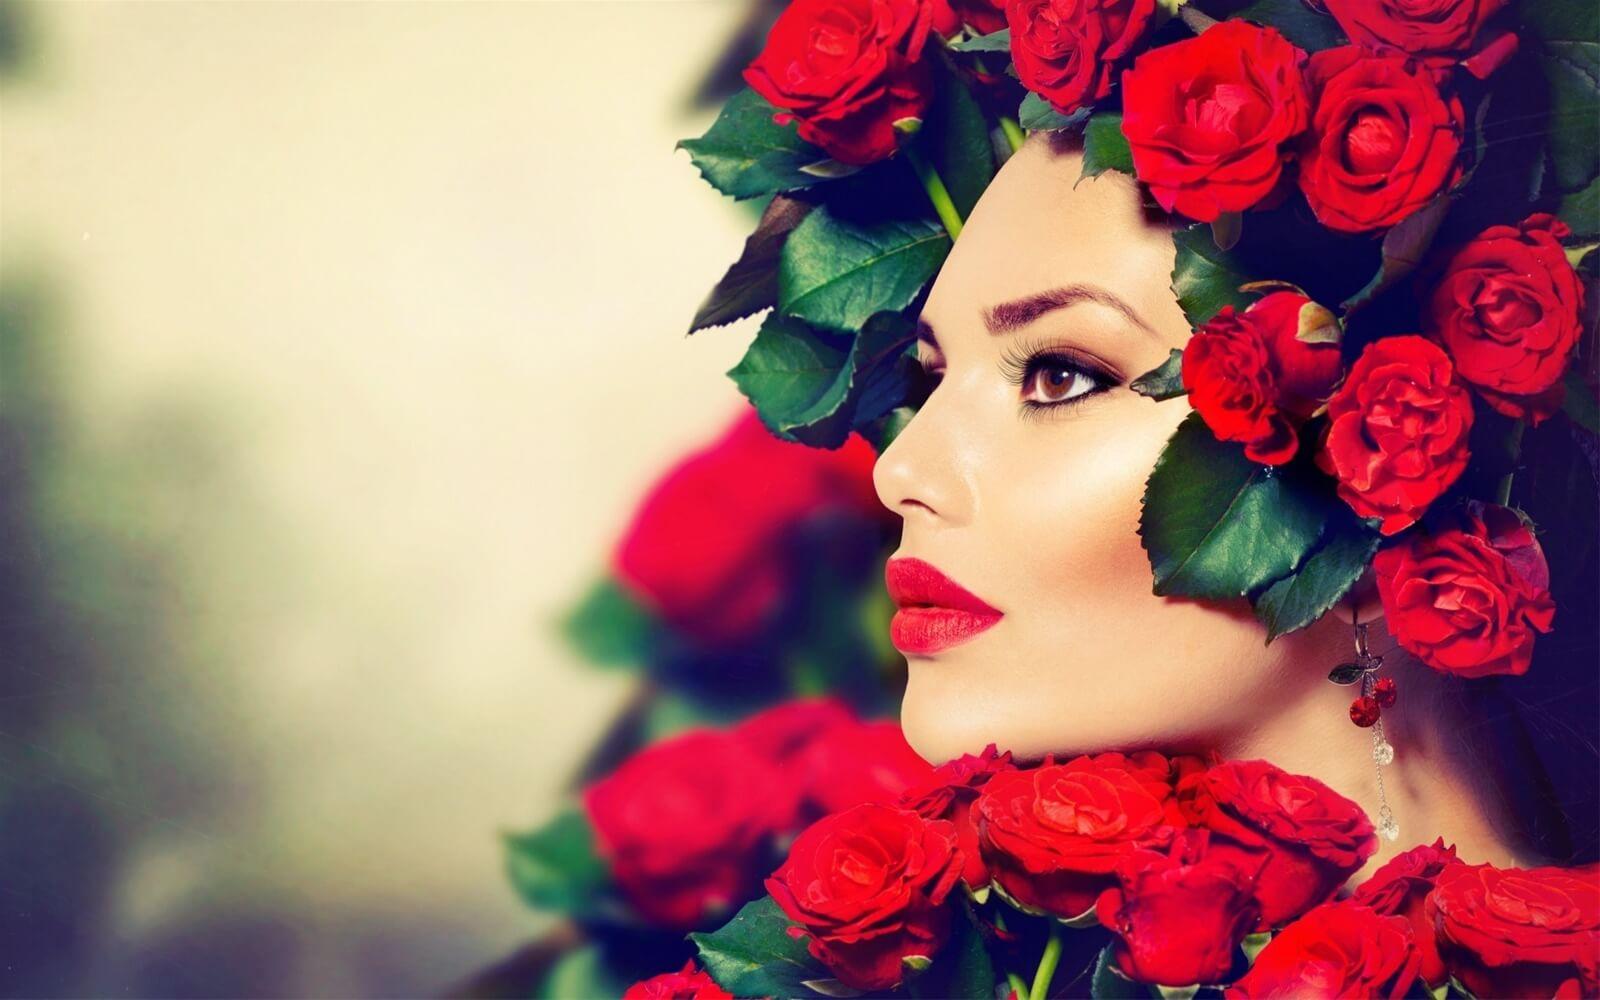 """Son môi chính là """"vị cứu tinh"""" của mọi cô gái"""